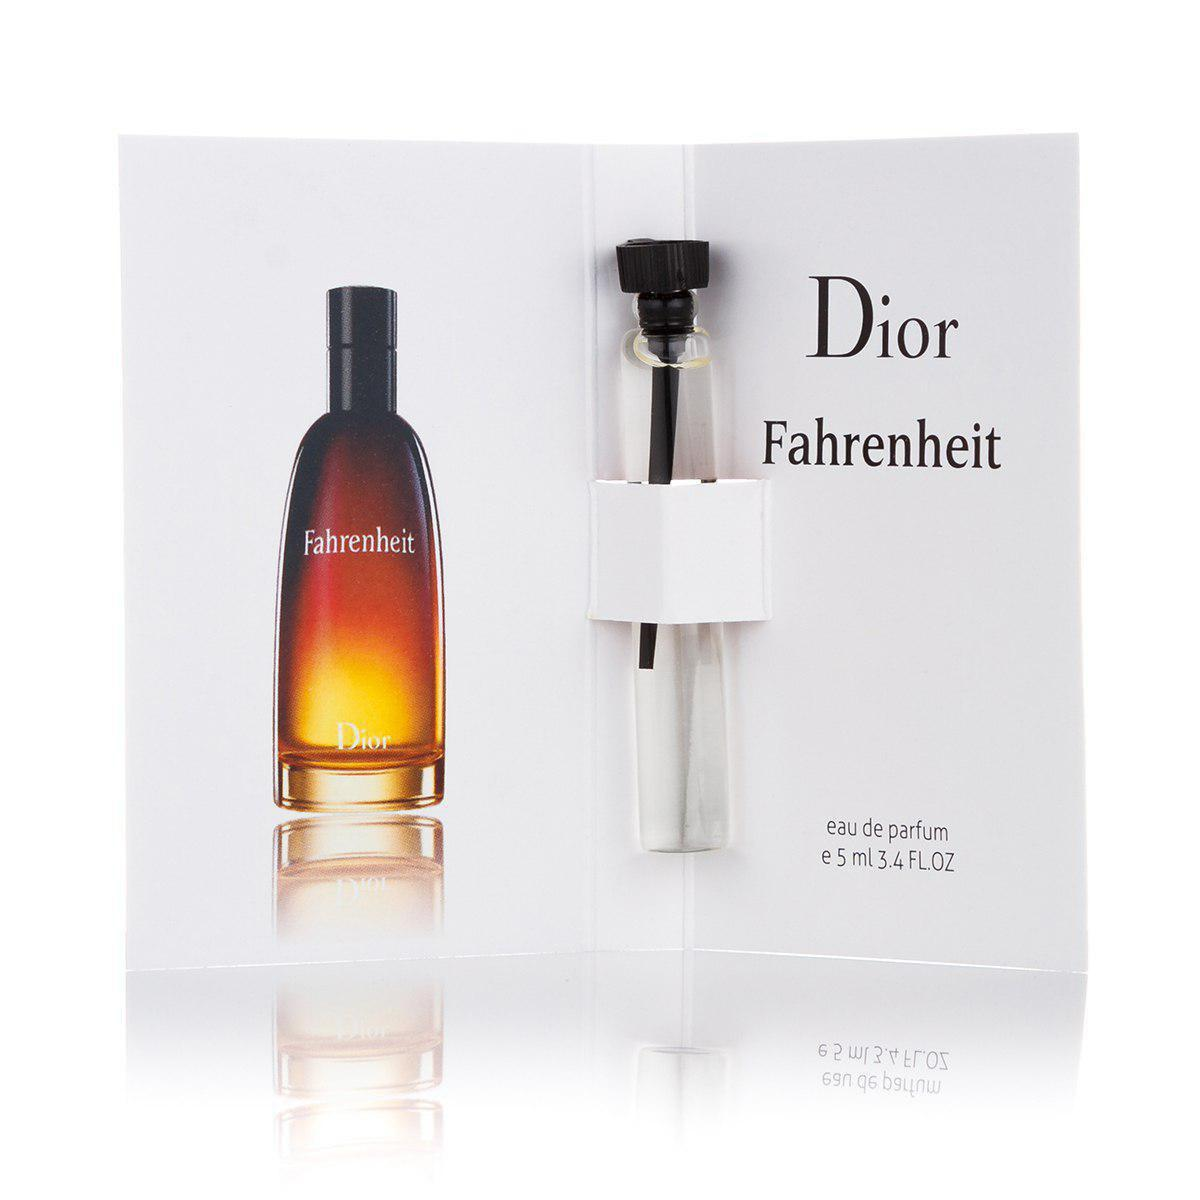 Dior Fahrenheit (м) 5 ml